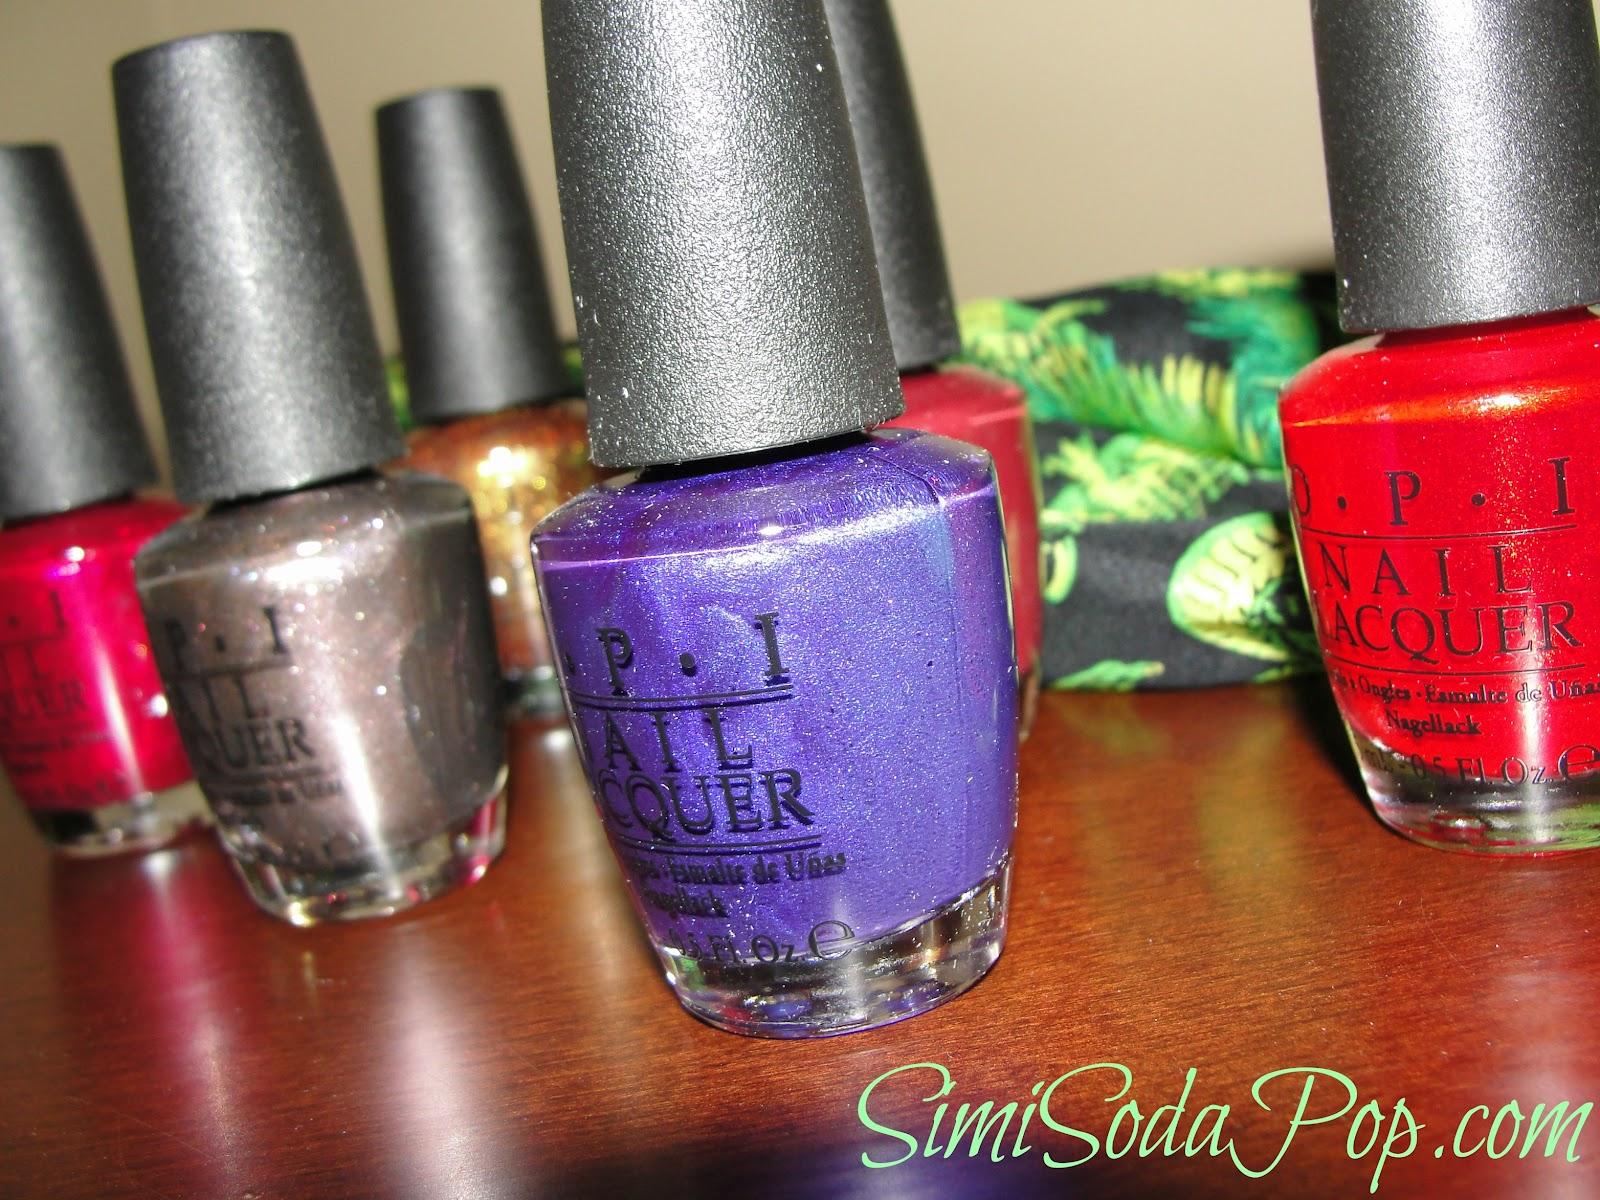 http://4.bp.blogspot.com/-11_VXzenqRQ/UGMiQ96EWKI/AAAAAAAAHSY/4I0VWdGkjkU/s1600/OPISkyfallCollectionHolidays2012%233.jpg